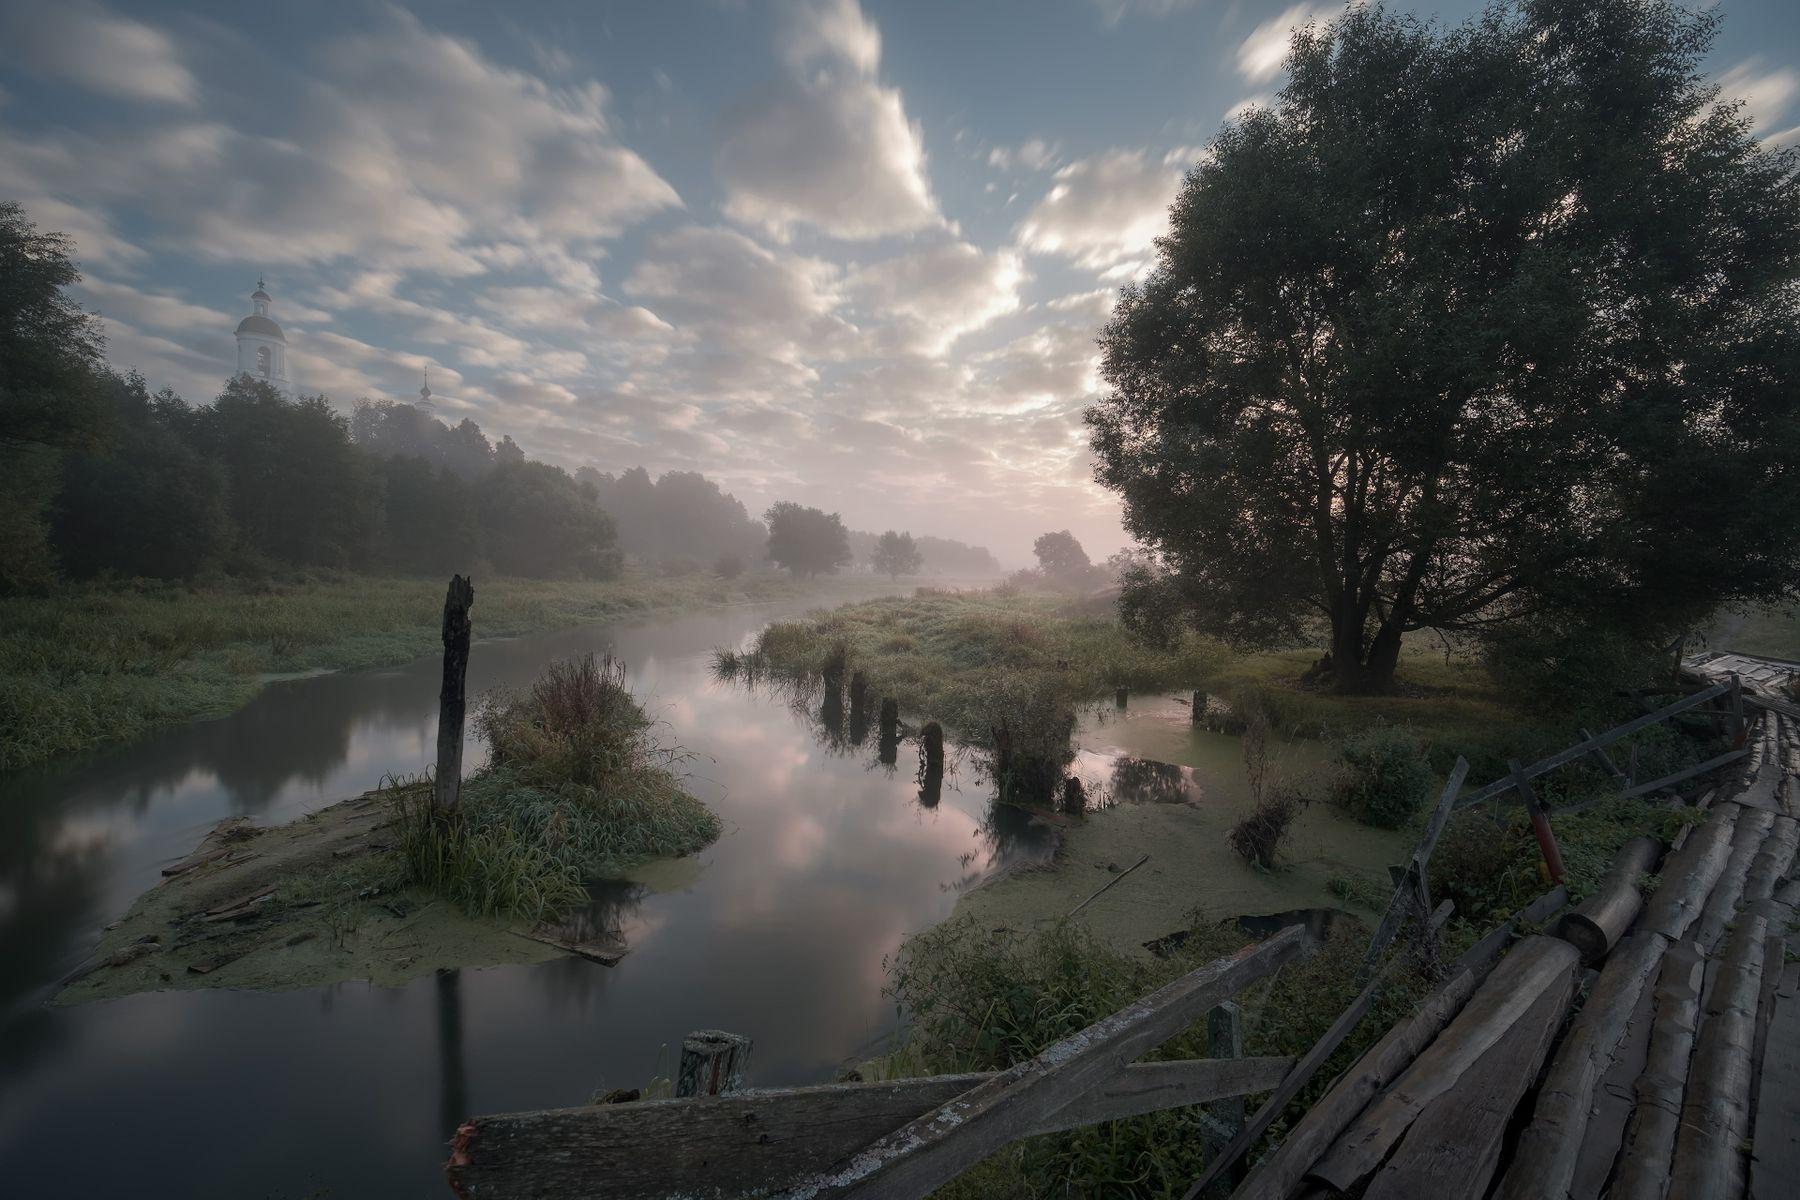 Тихое утро после дождя утро рассвет река шерна филипповское село туман природа пейзаж